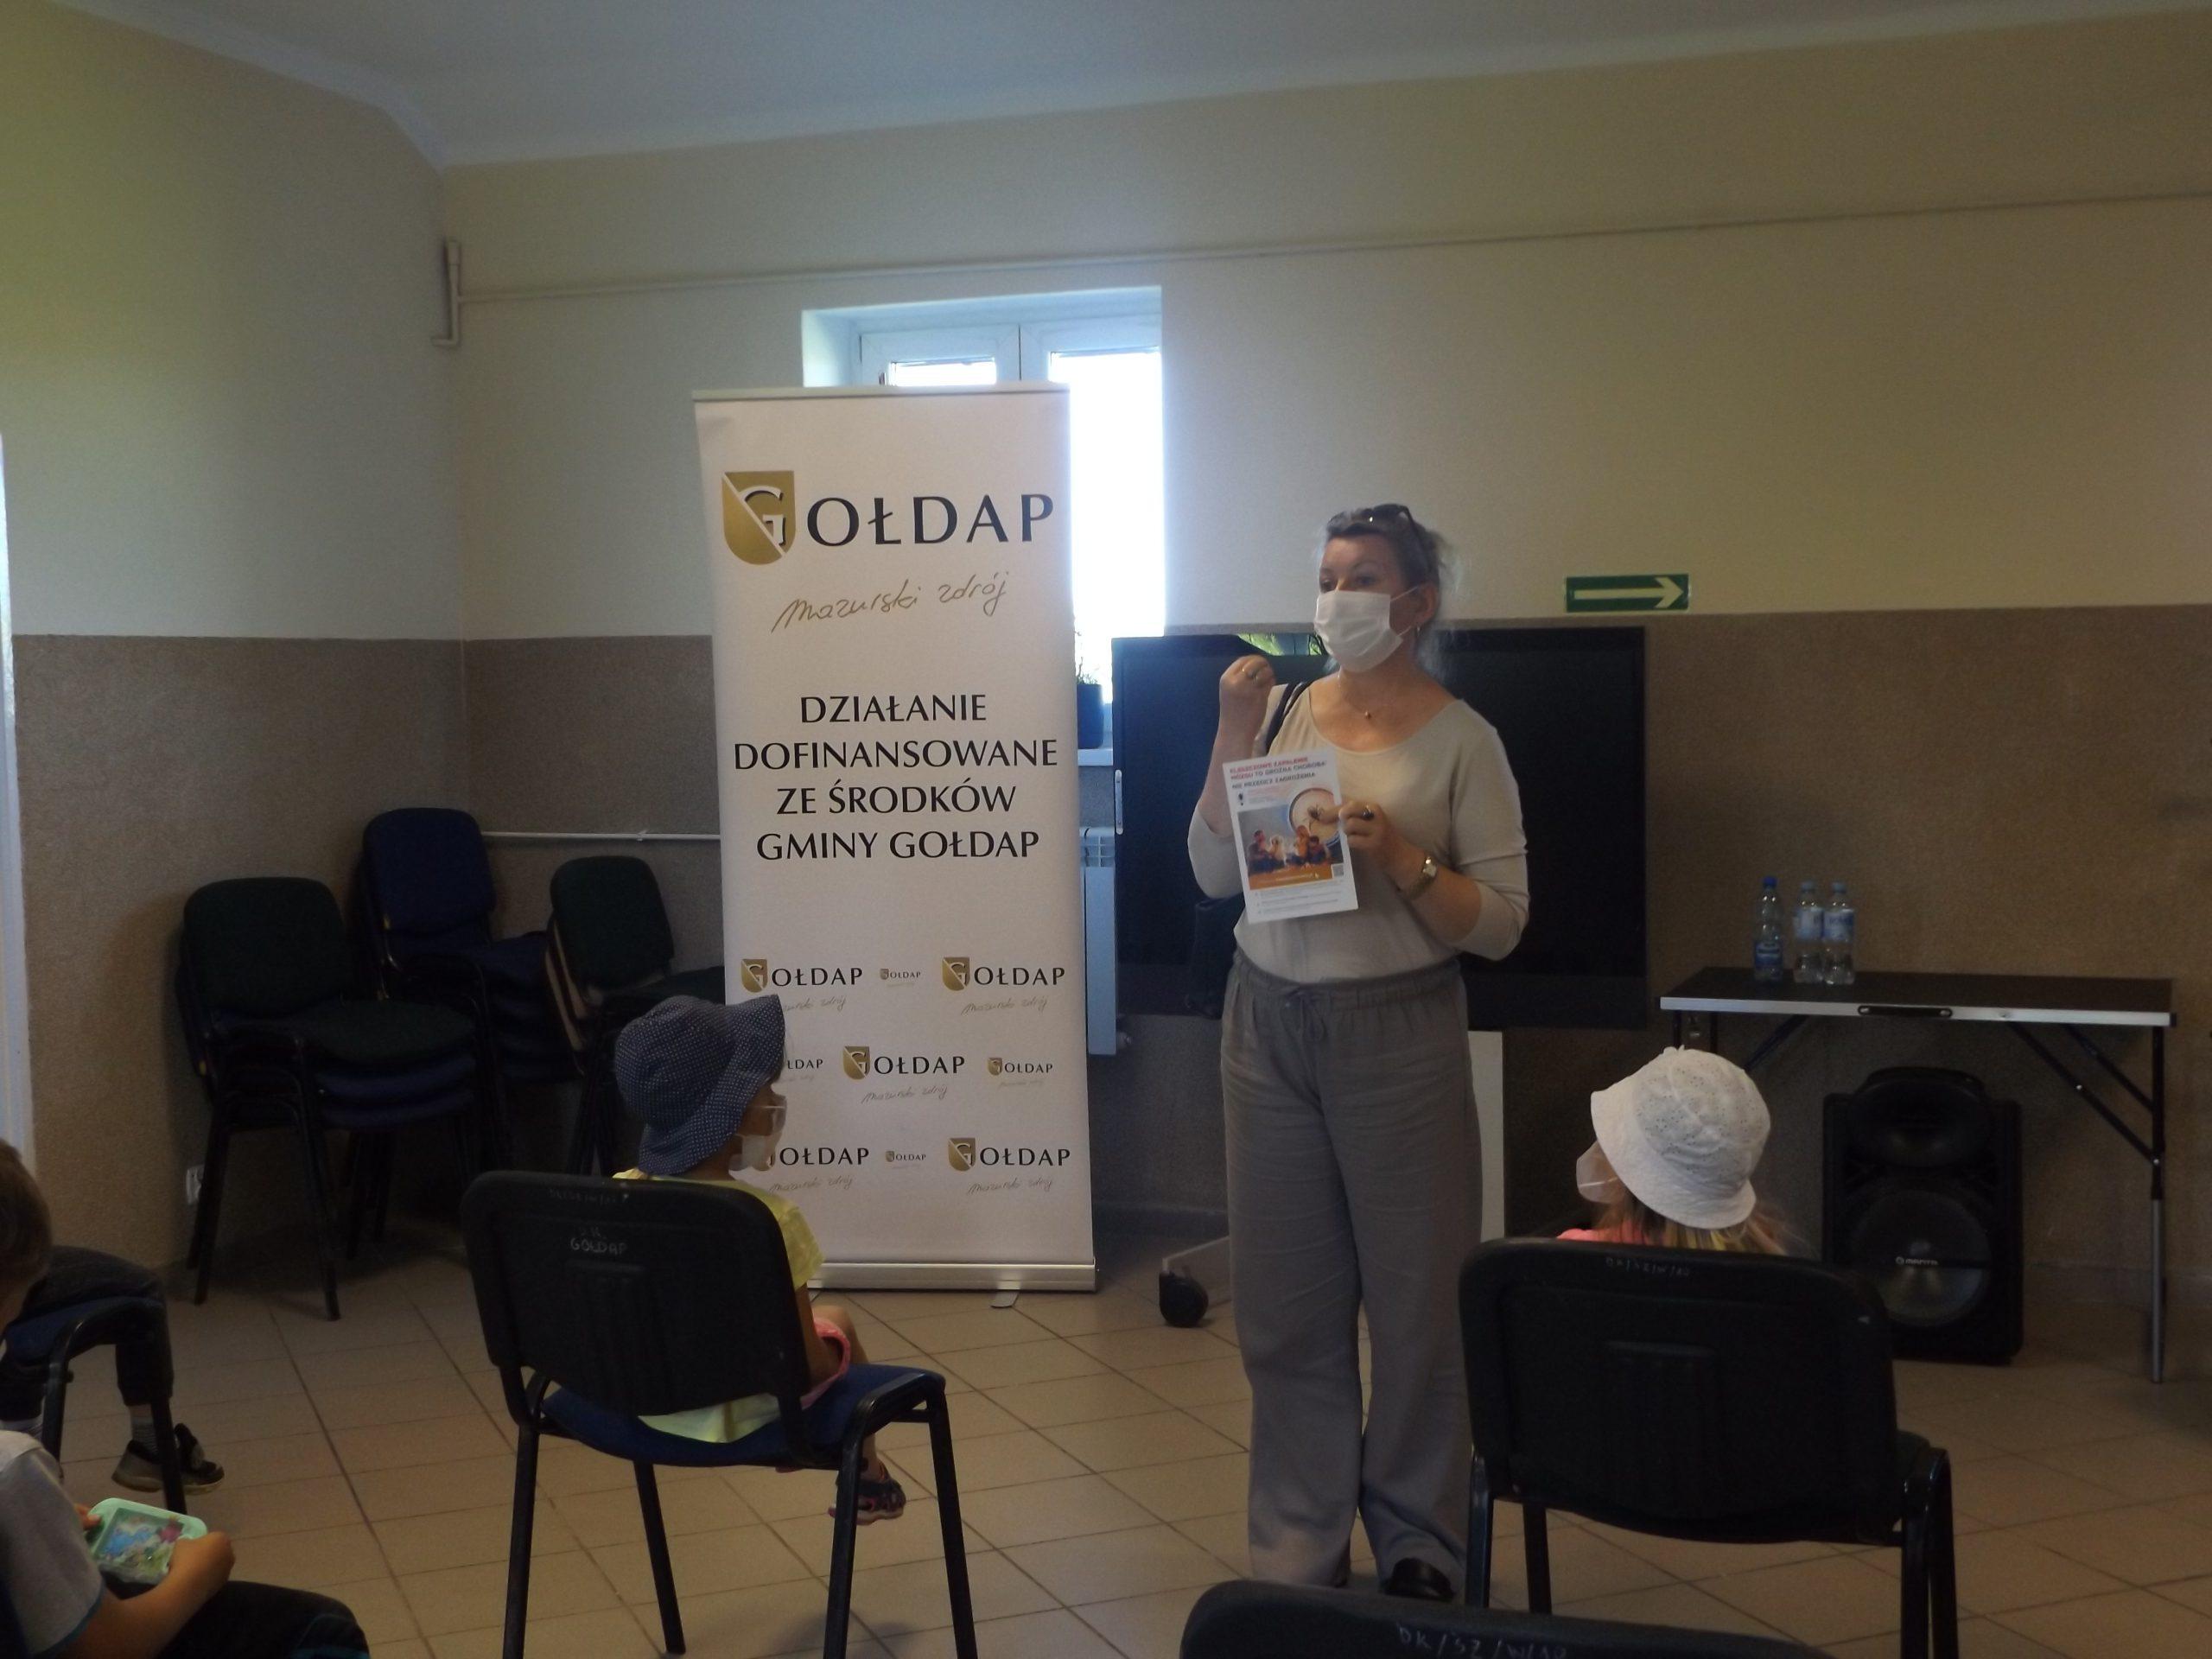 Zdjęcie spotkania z przedstawicielem Powiatowej Stacji Sanitarno-Epidemiologiczna w Gołdapi